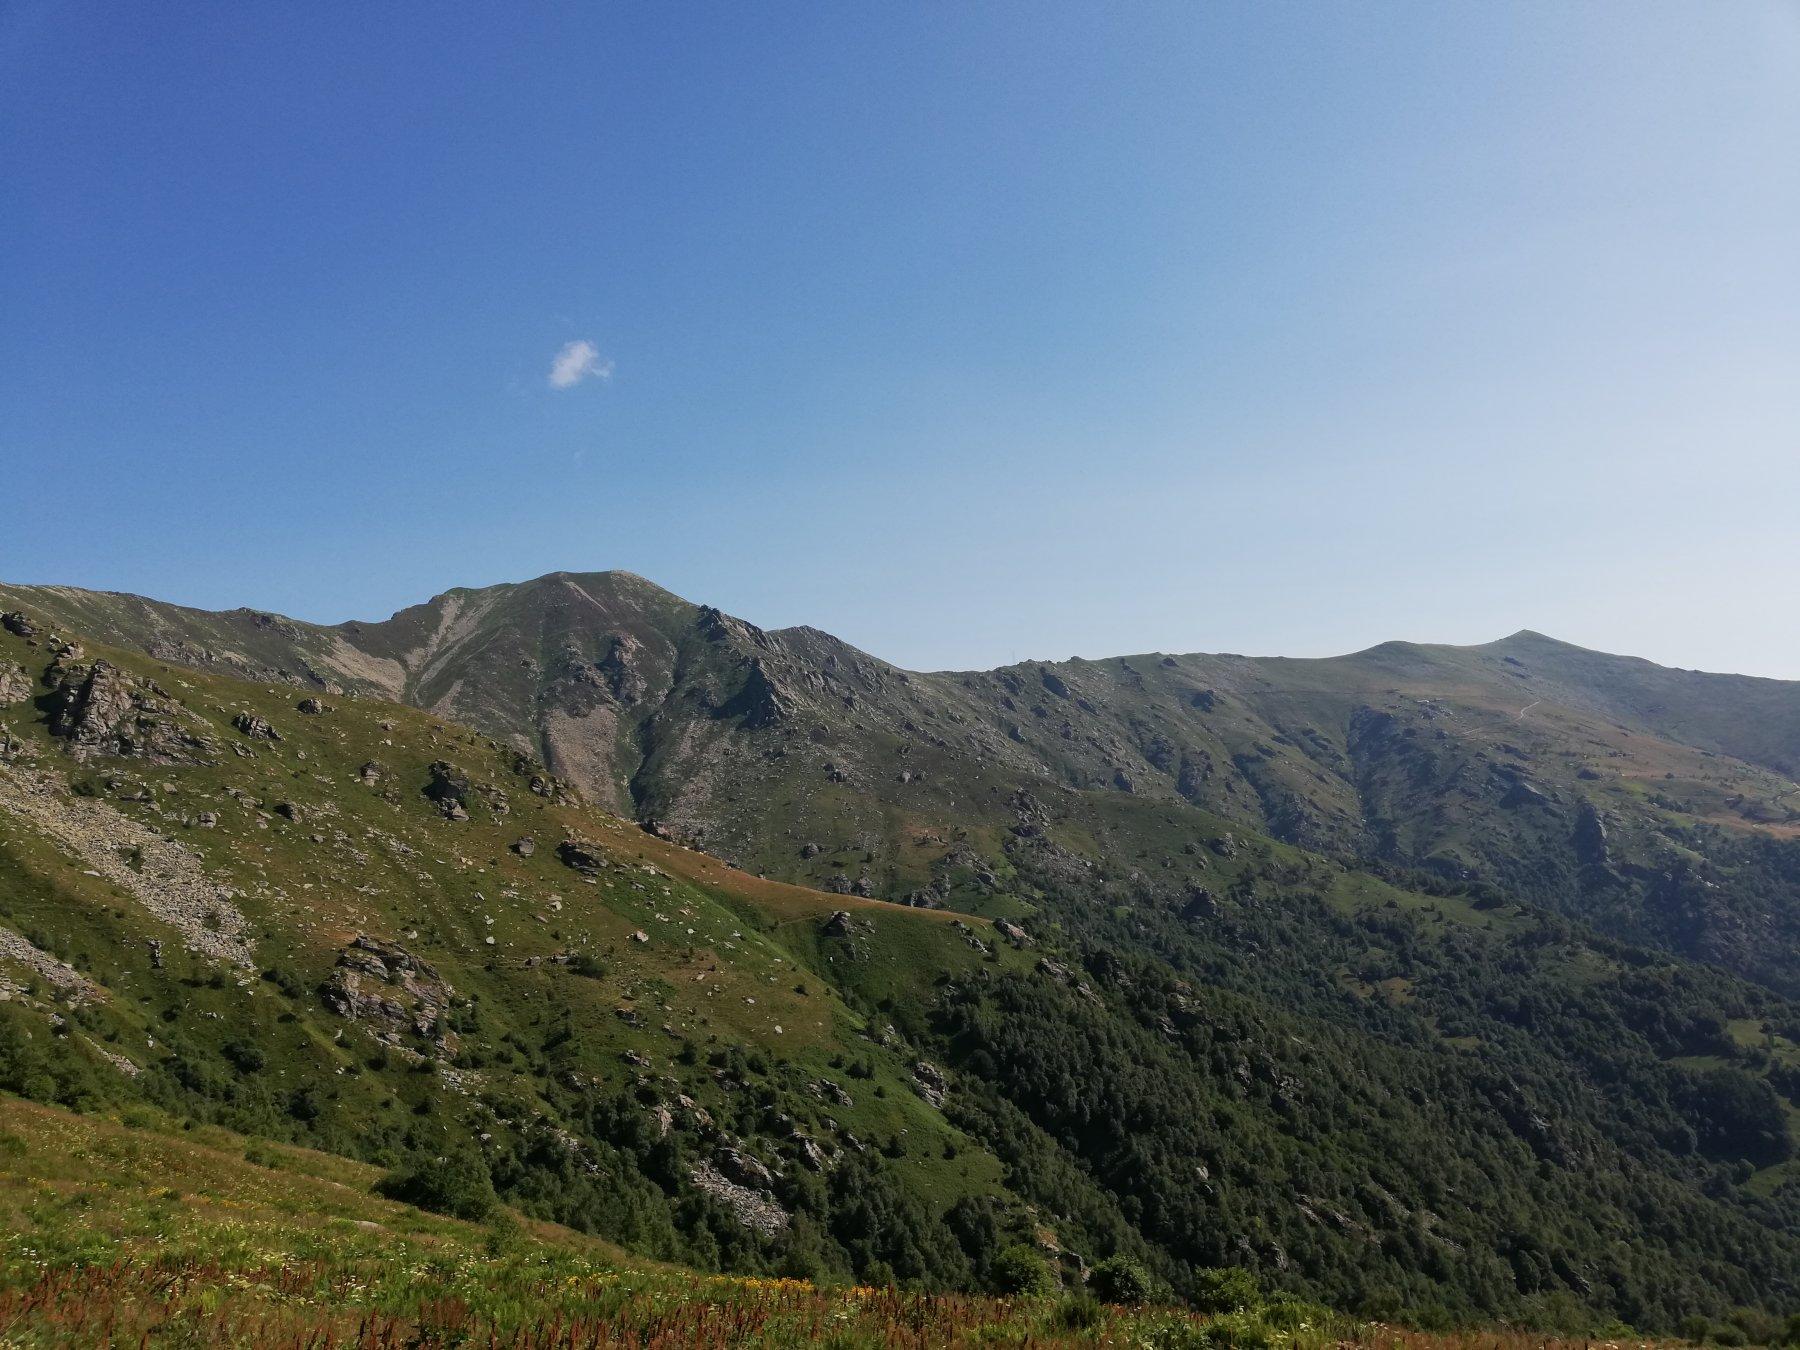 Vista su cima dell' Uia mt.2162 a sinistra e Monte Soglio mt.1970